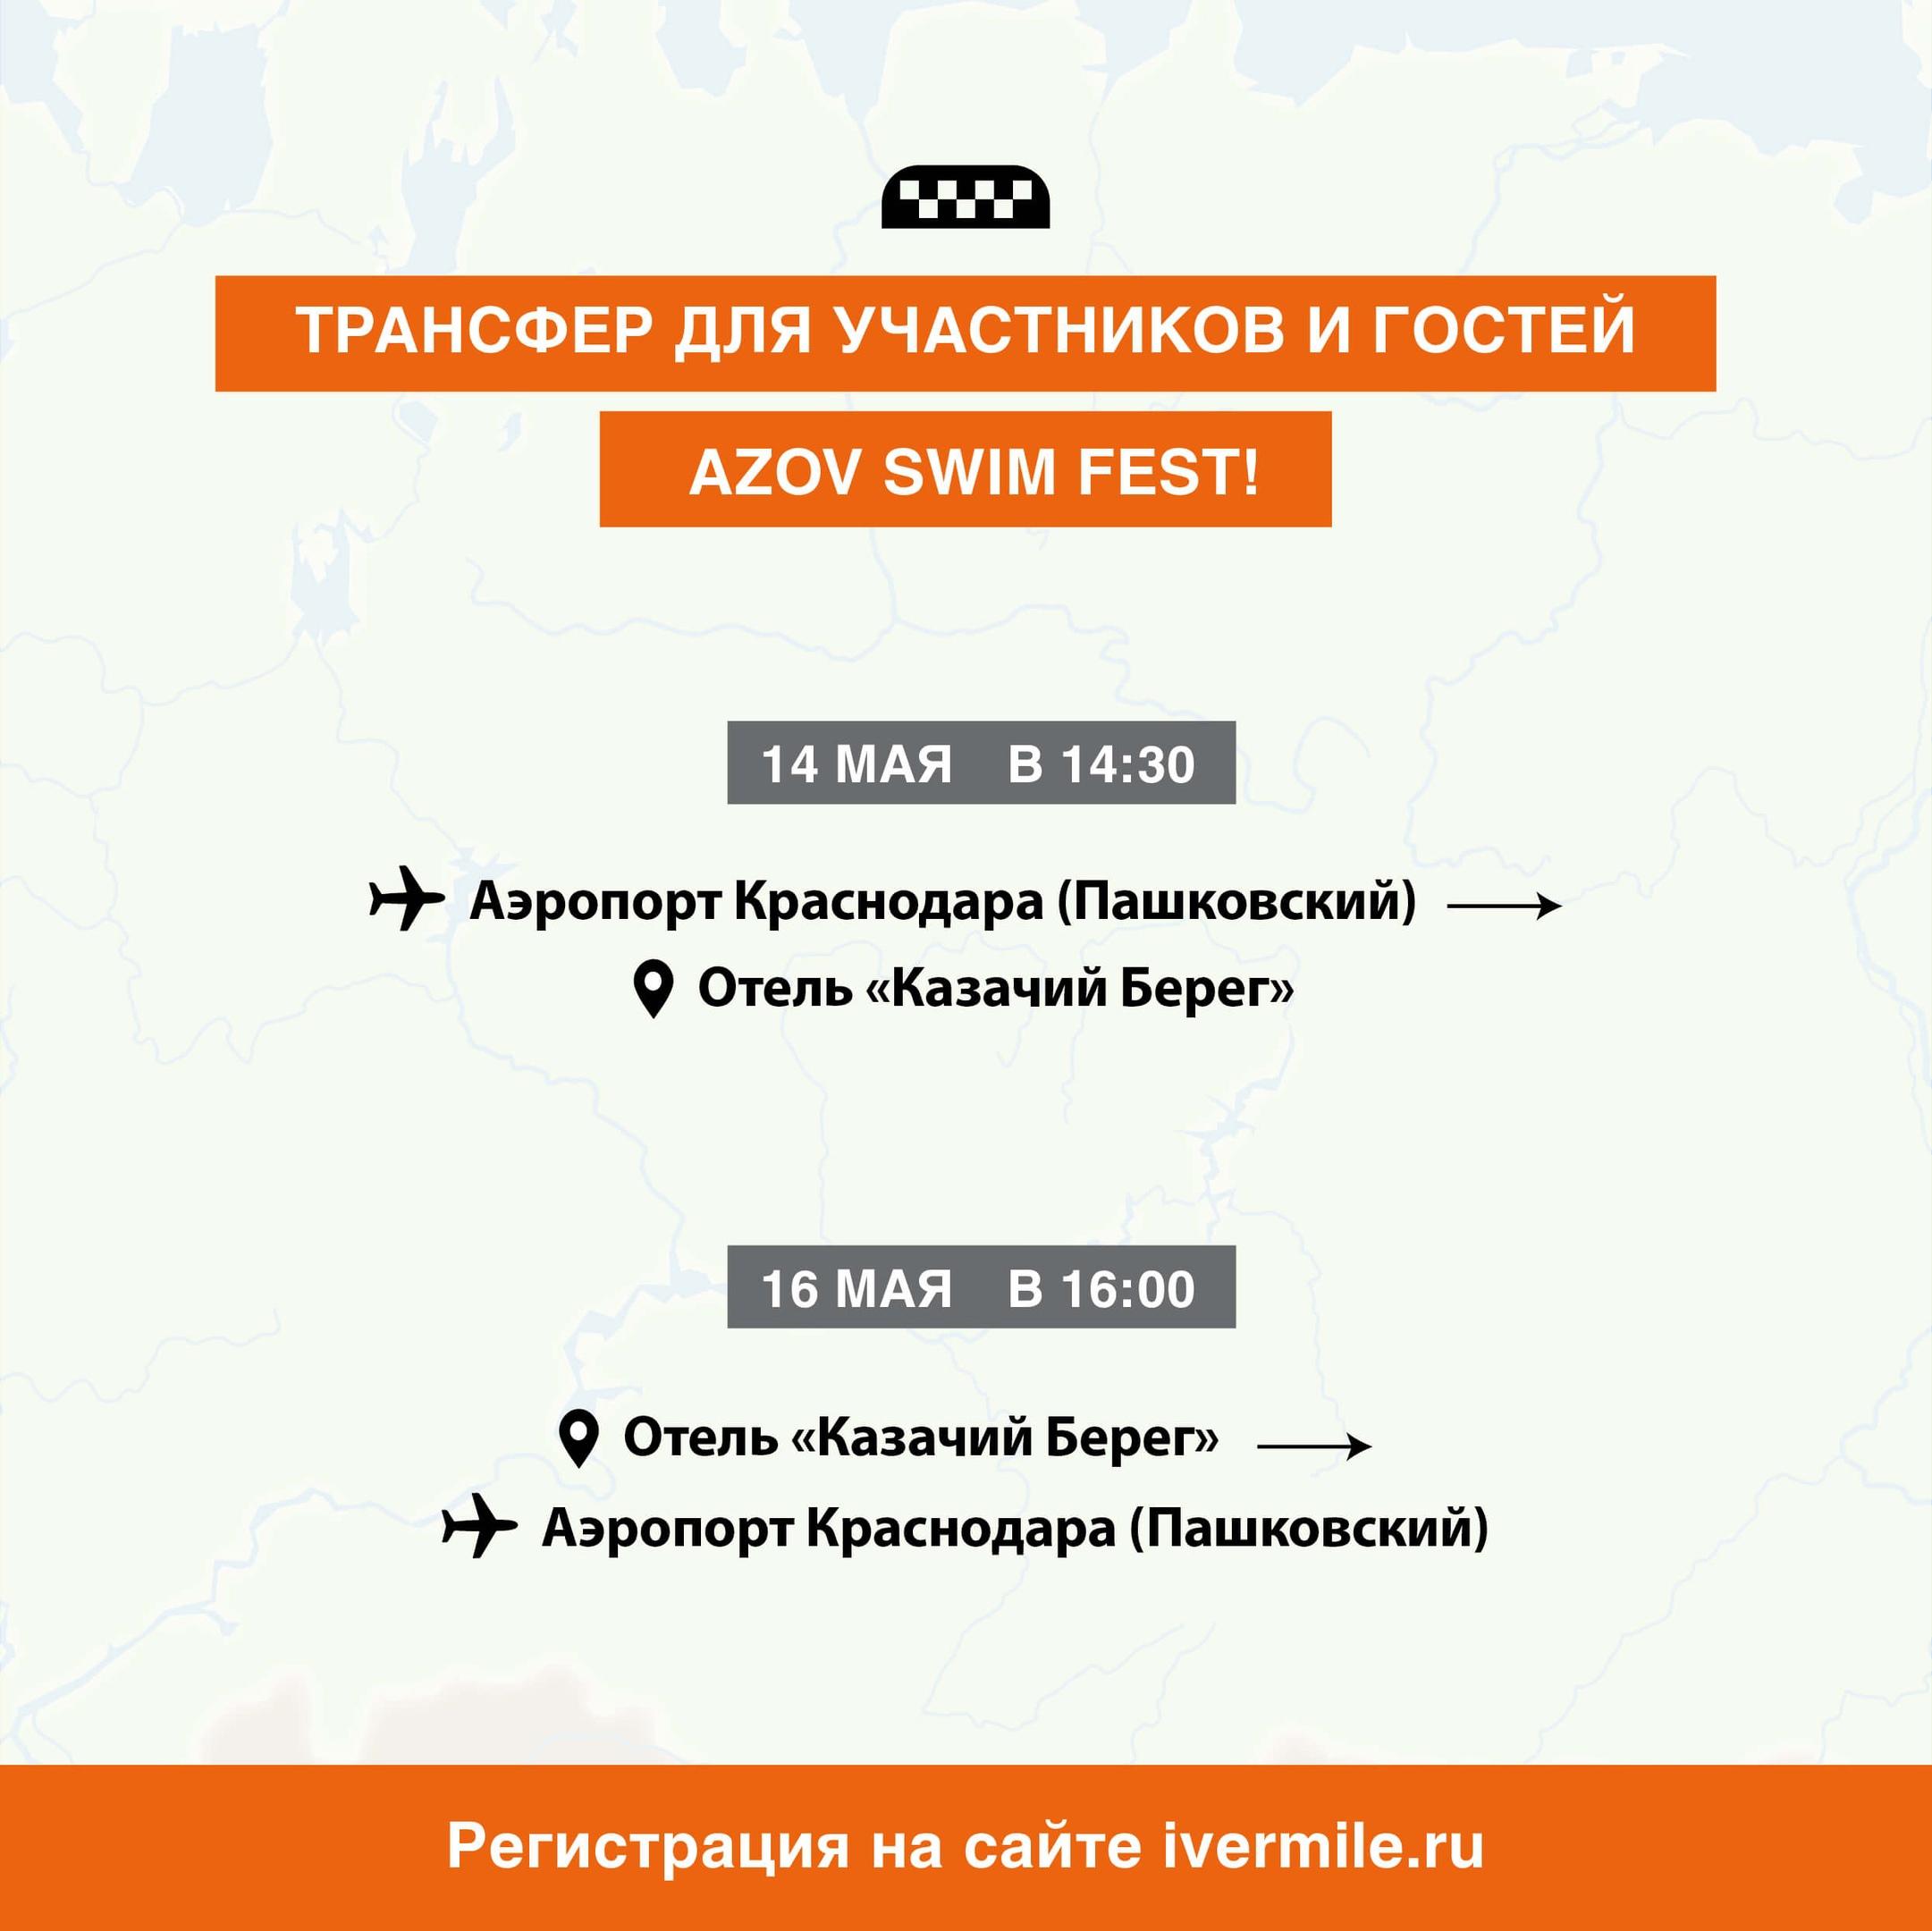 Трансфер и регистрация для участников заплыва на Азовском море - Azov Swim Fest 2021